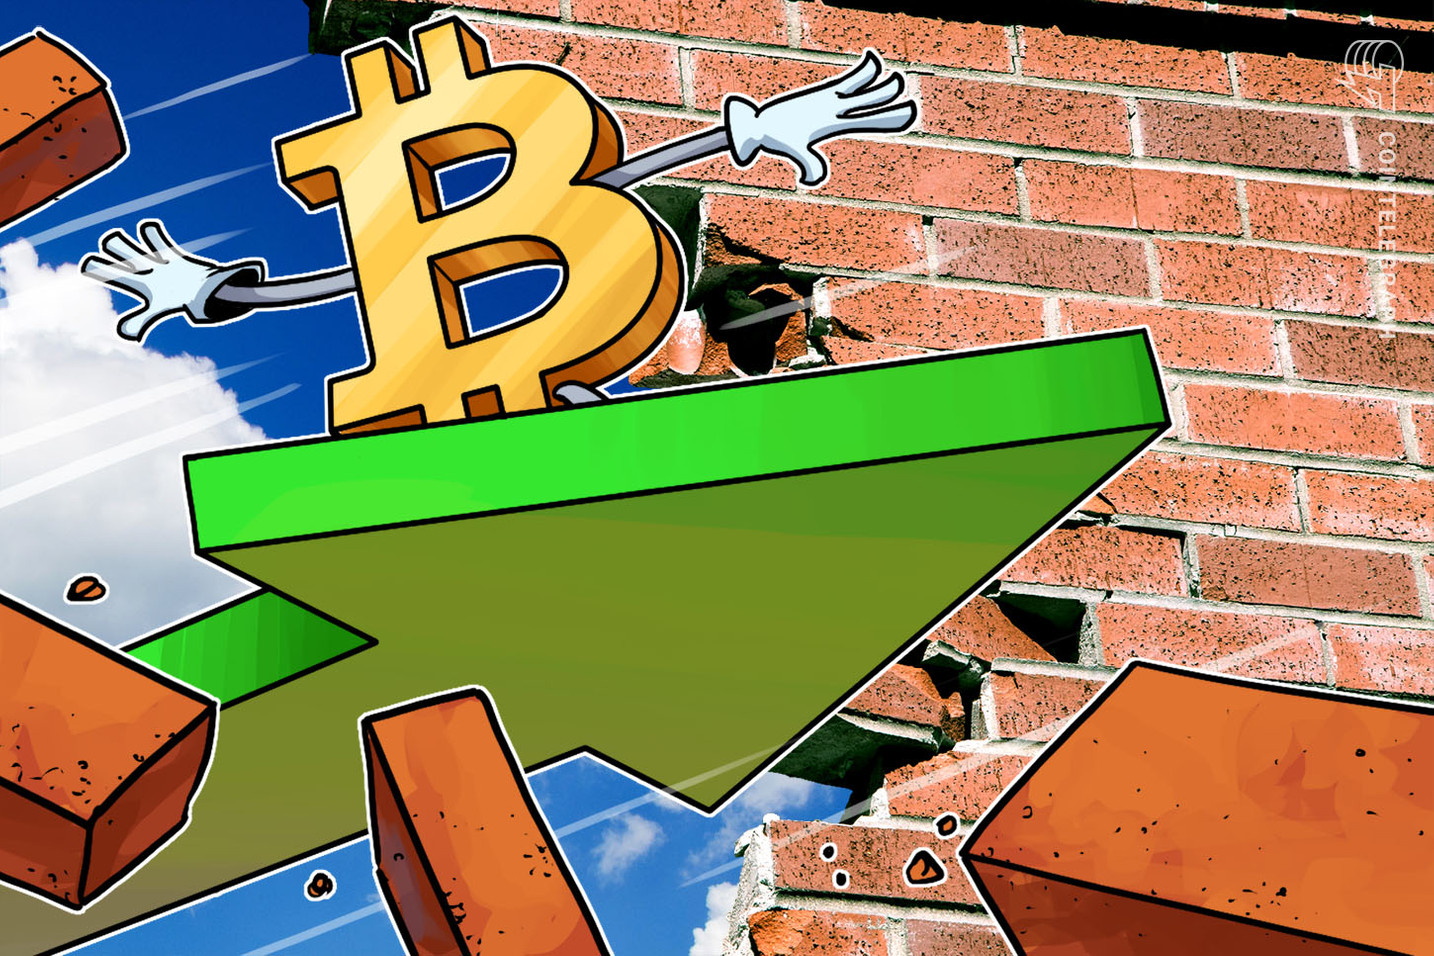 Şant Manukyan: Bitcoin fiyatında çok hızlı yükseliş olabilir